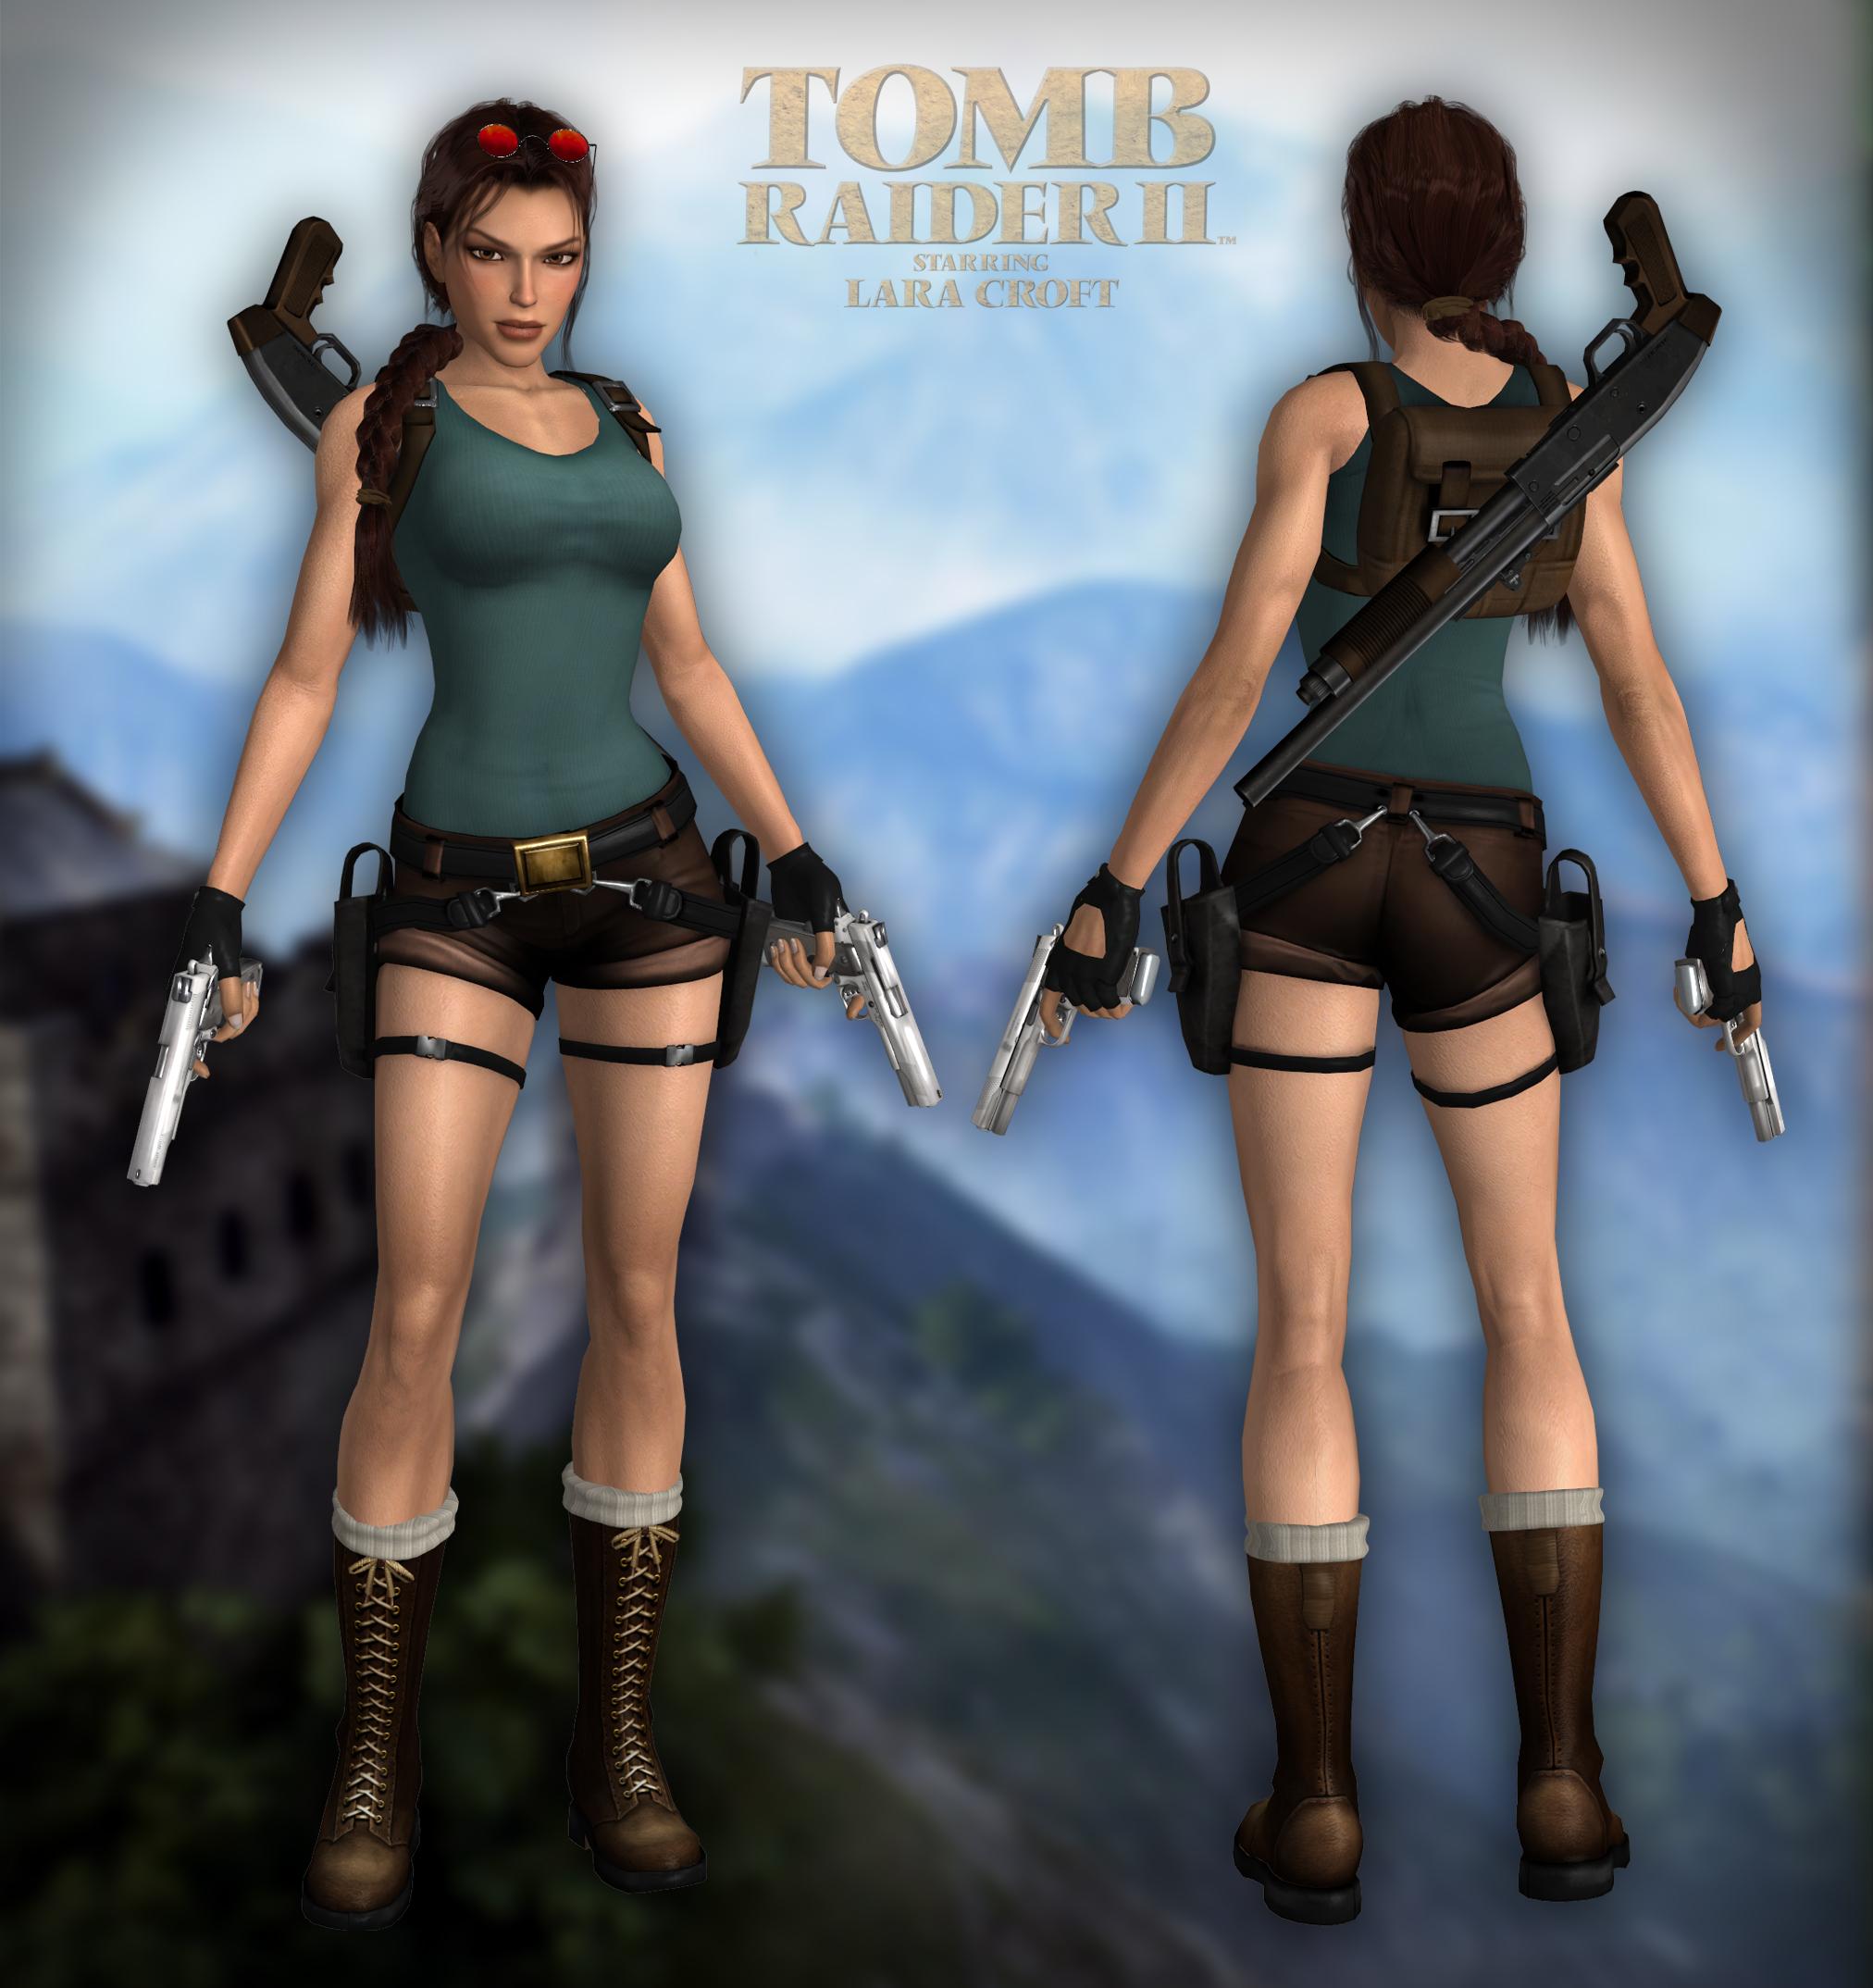 Tomb Rider Wallpaper: Tomb Raider On Xnalara-Customized